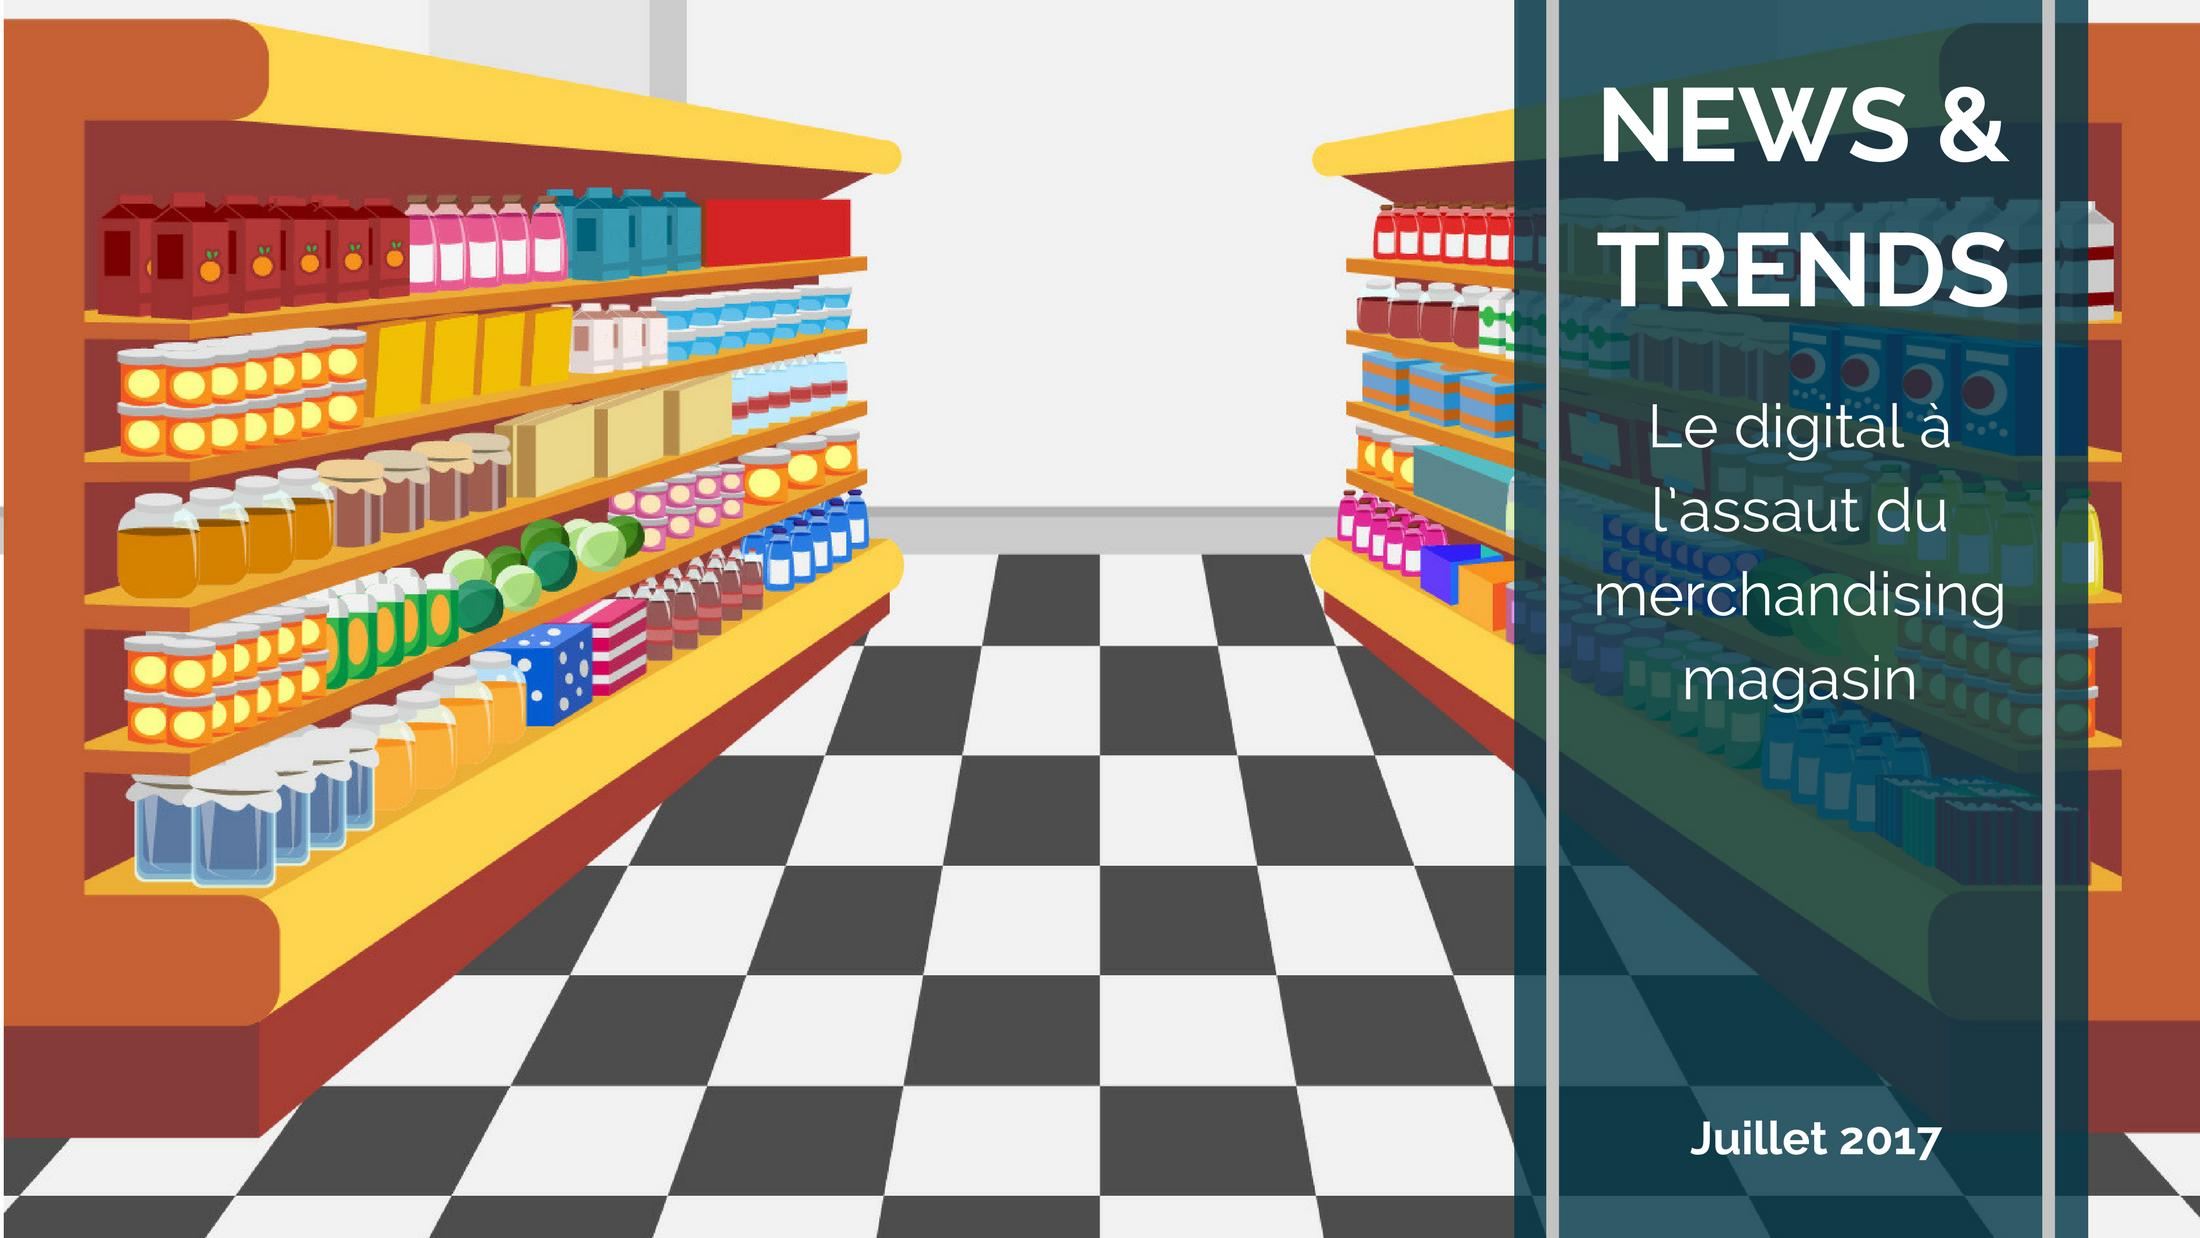 Trends News - Le digital à l'assaut du merchandising magasin